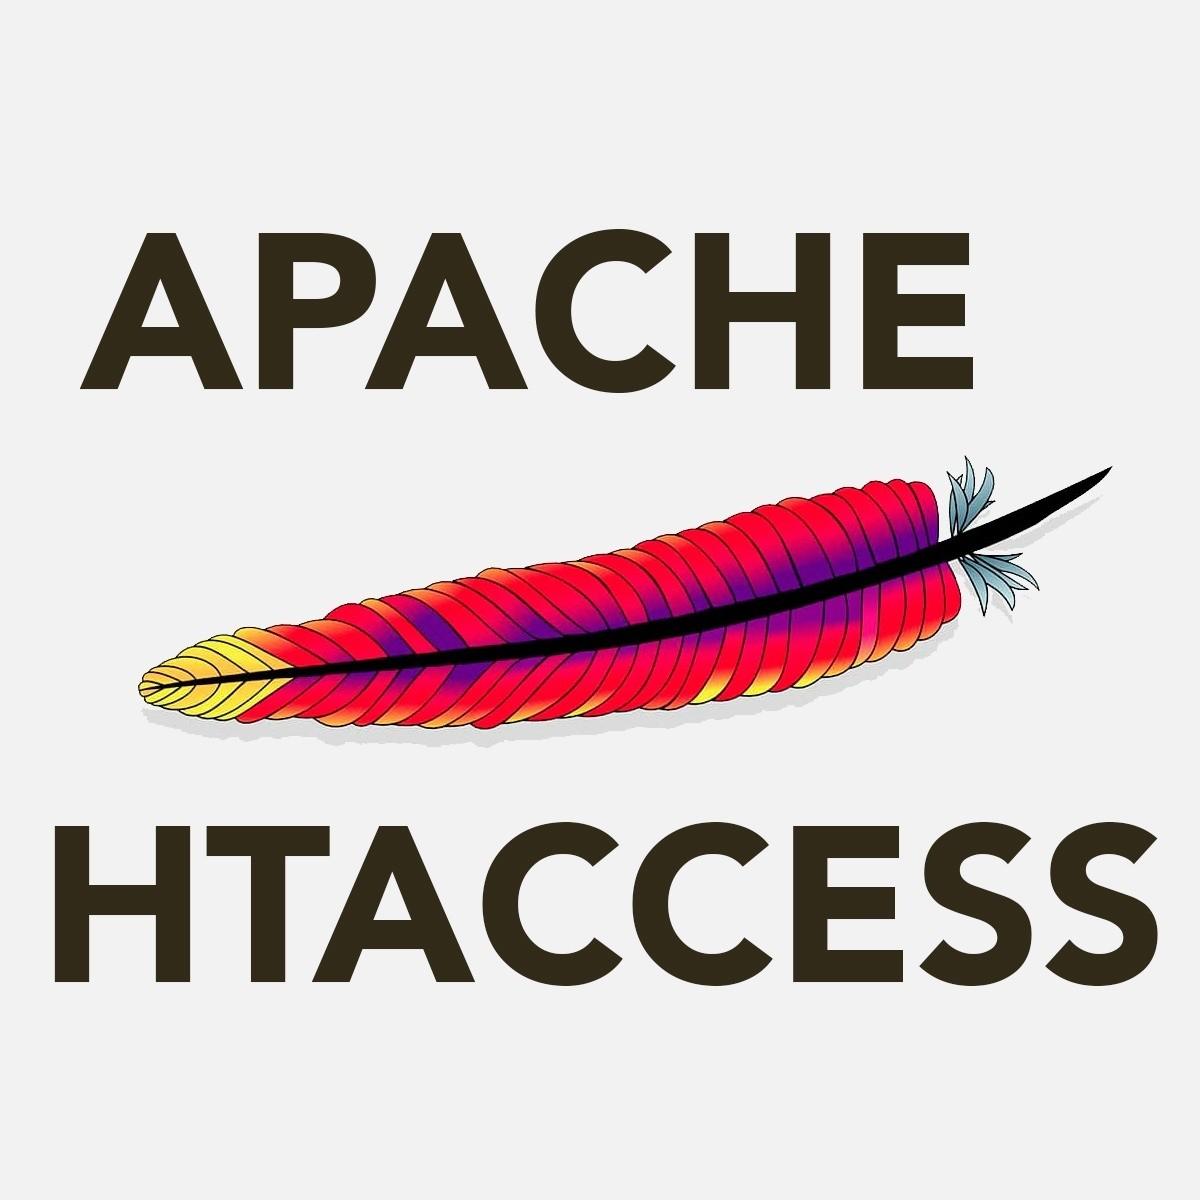 Optimizar y editar el archivo .htaccess. Uso cache htaccess. Incrementar velocidad y rendimiento web. Aumentar seguridad web. Mejorar SEO. Usar cache en servidor.